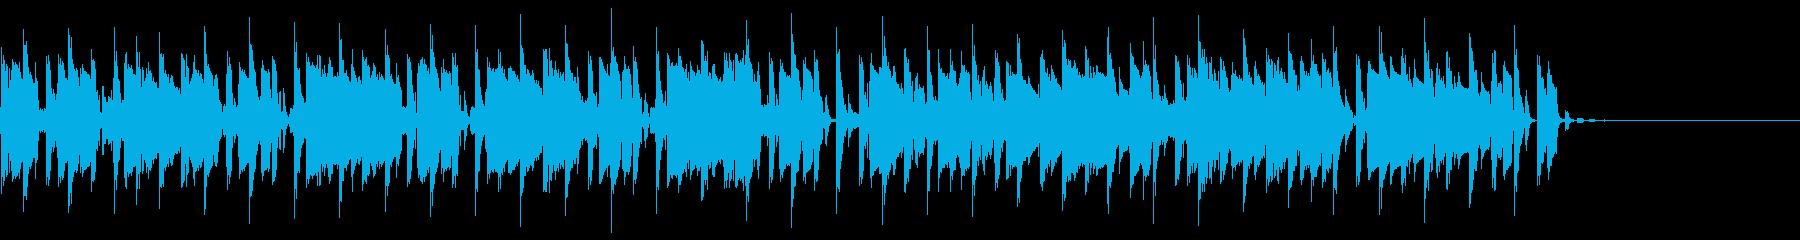 いたずらっぽくてカンピーな音色のグ...の再生済みの波形